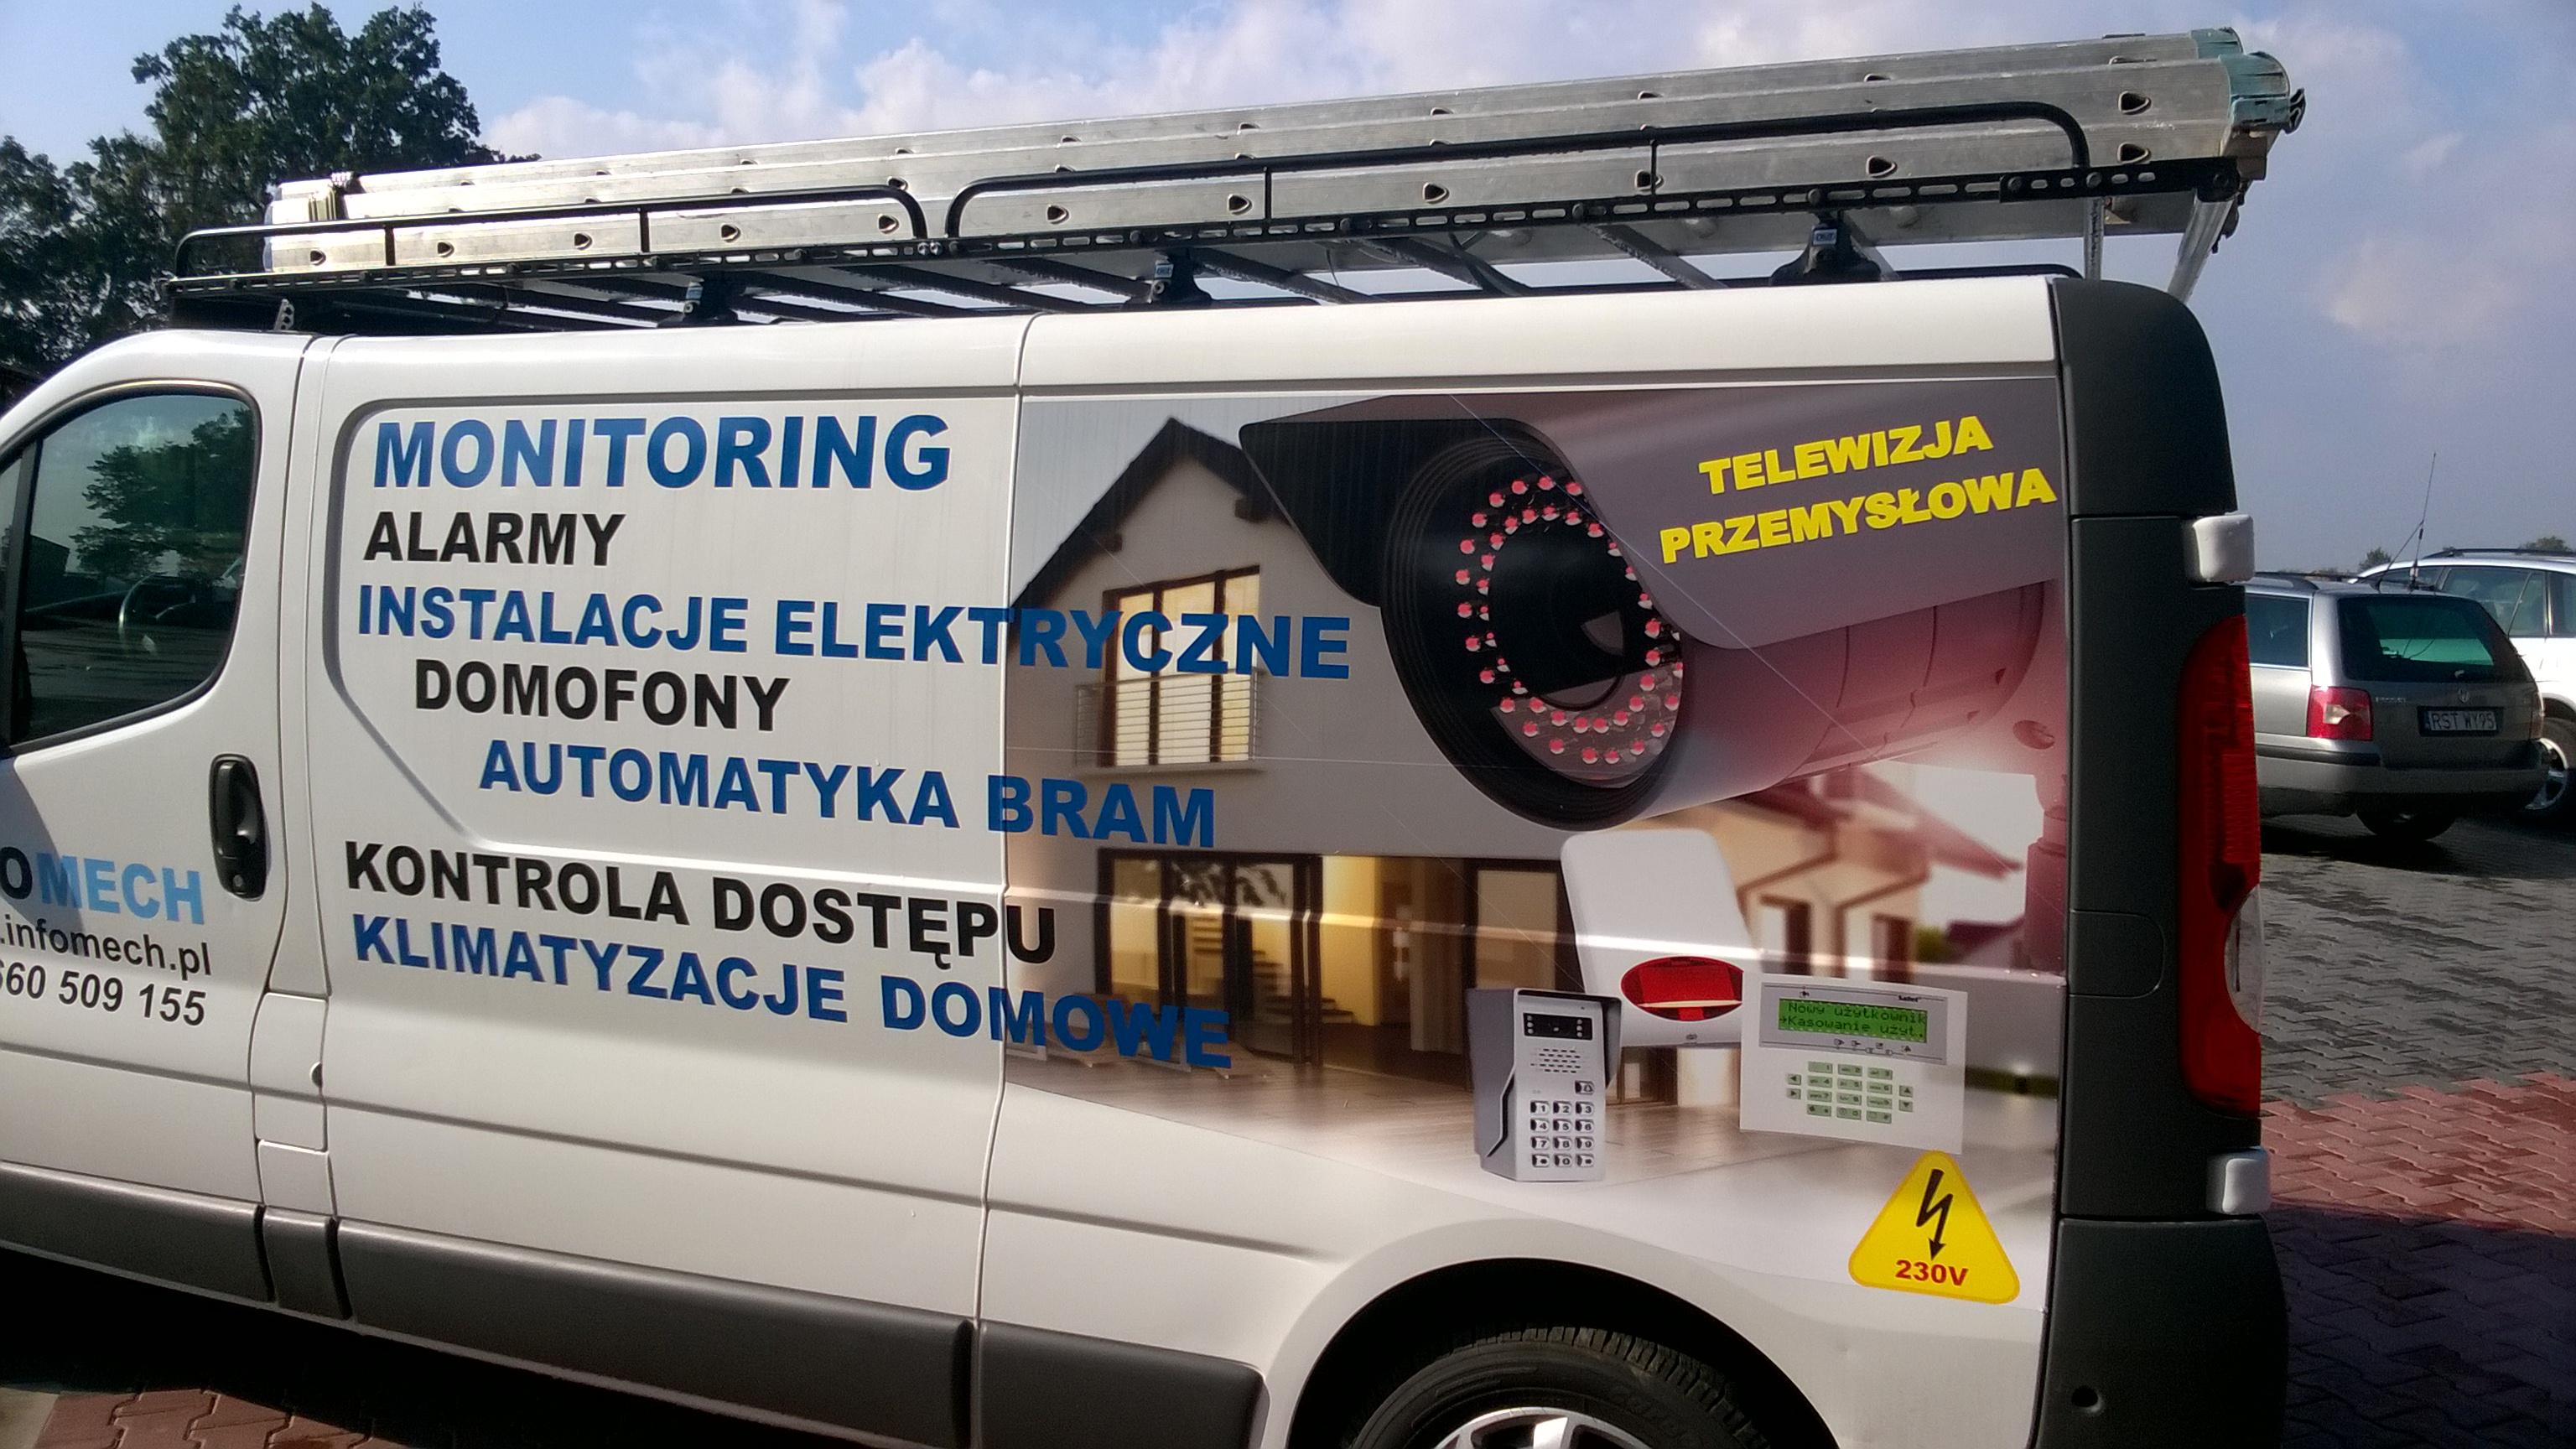 monitoring-bilgoraj-monitoring-zamosc-monitoring-krasnik-monitoring-janow-lubelski-monitoring-gospodarstwa-rolnego-monitoring-chelm-monitoring-lezajsk-18-infomech-monitoring-wizyjny-systemy-zabezpie